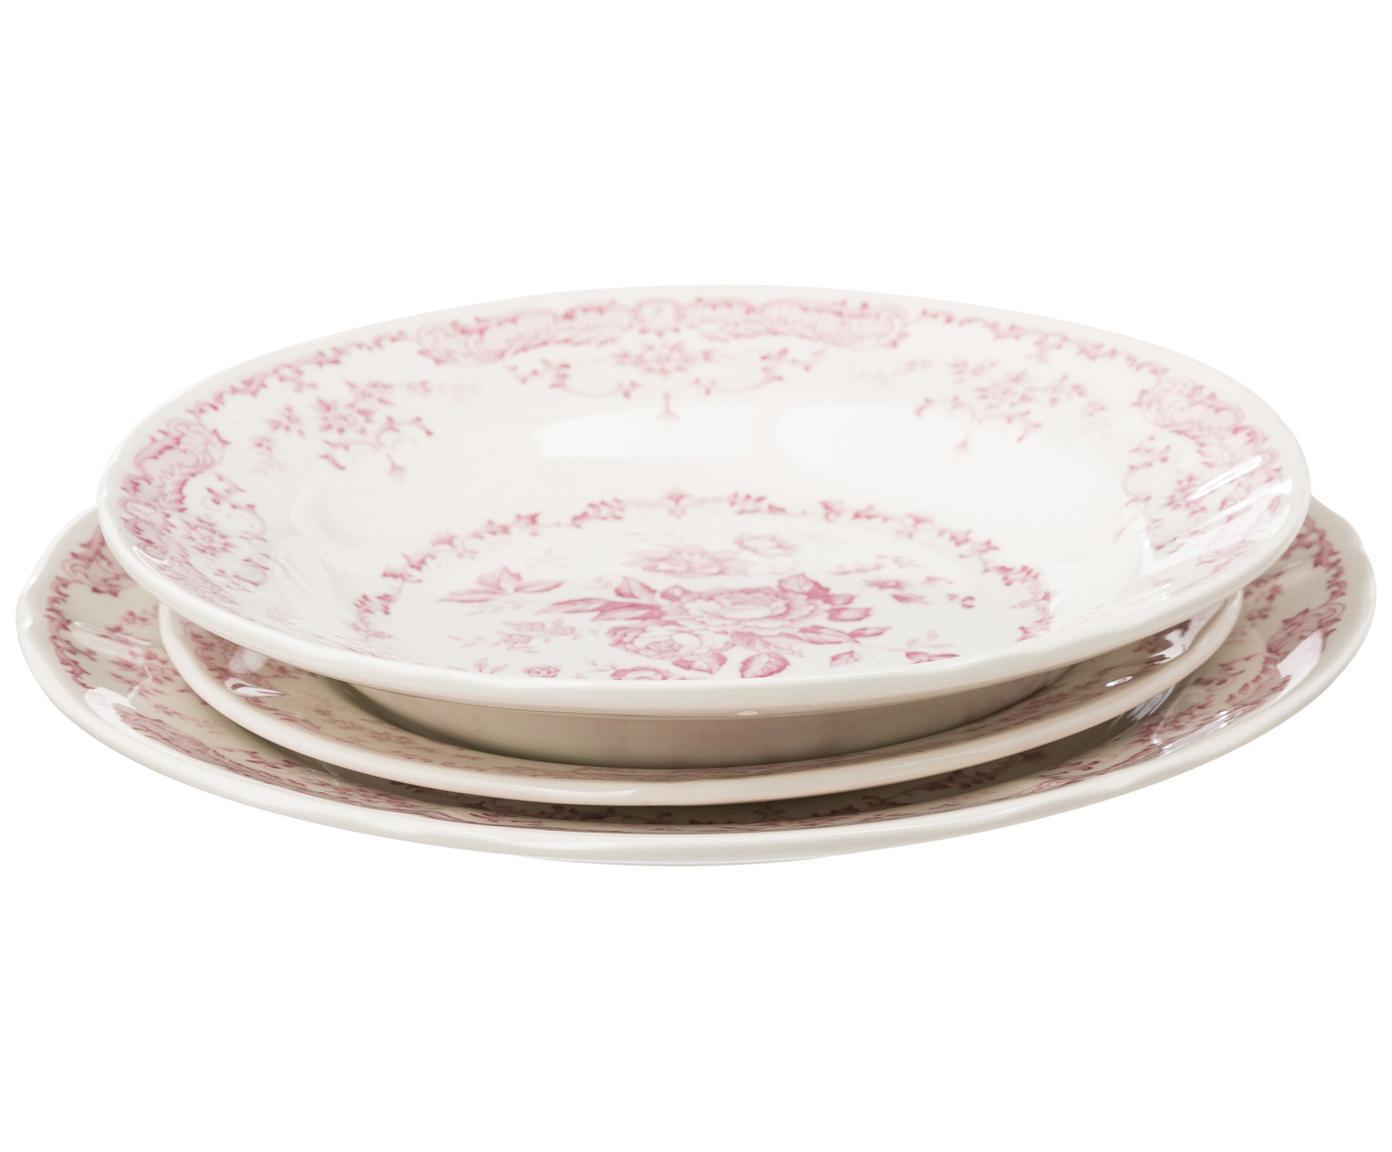 Vajilla Rose, 6comensales (18pzas.), Cerámica, Blanco, rosa, Tamaños diferentes